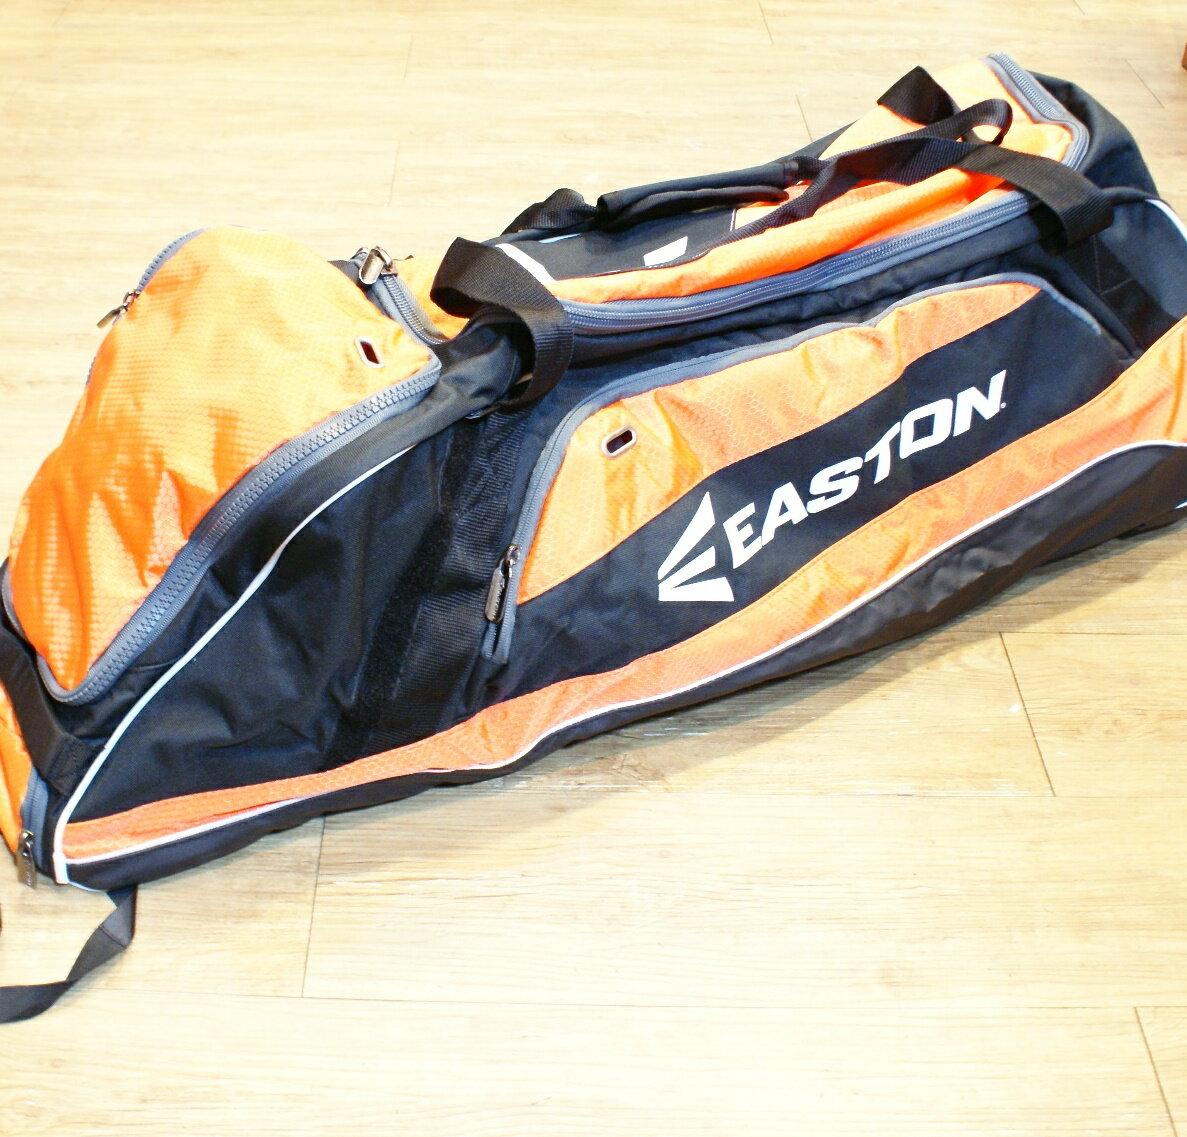 棒球世界 全新EASTON 2014年 進口 滾輪型 美式裝備袋 特價 黑橘配色